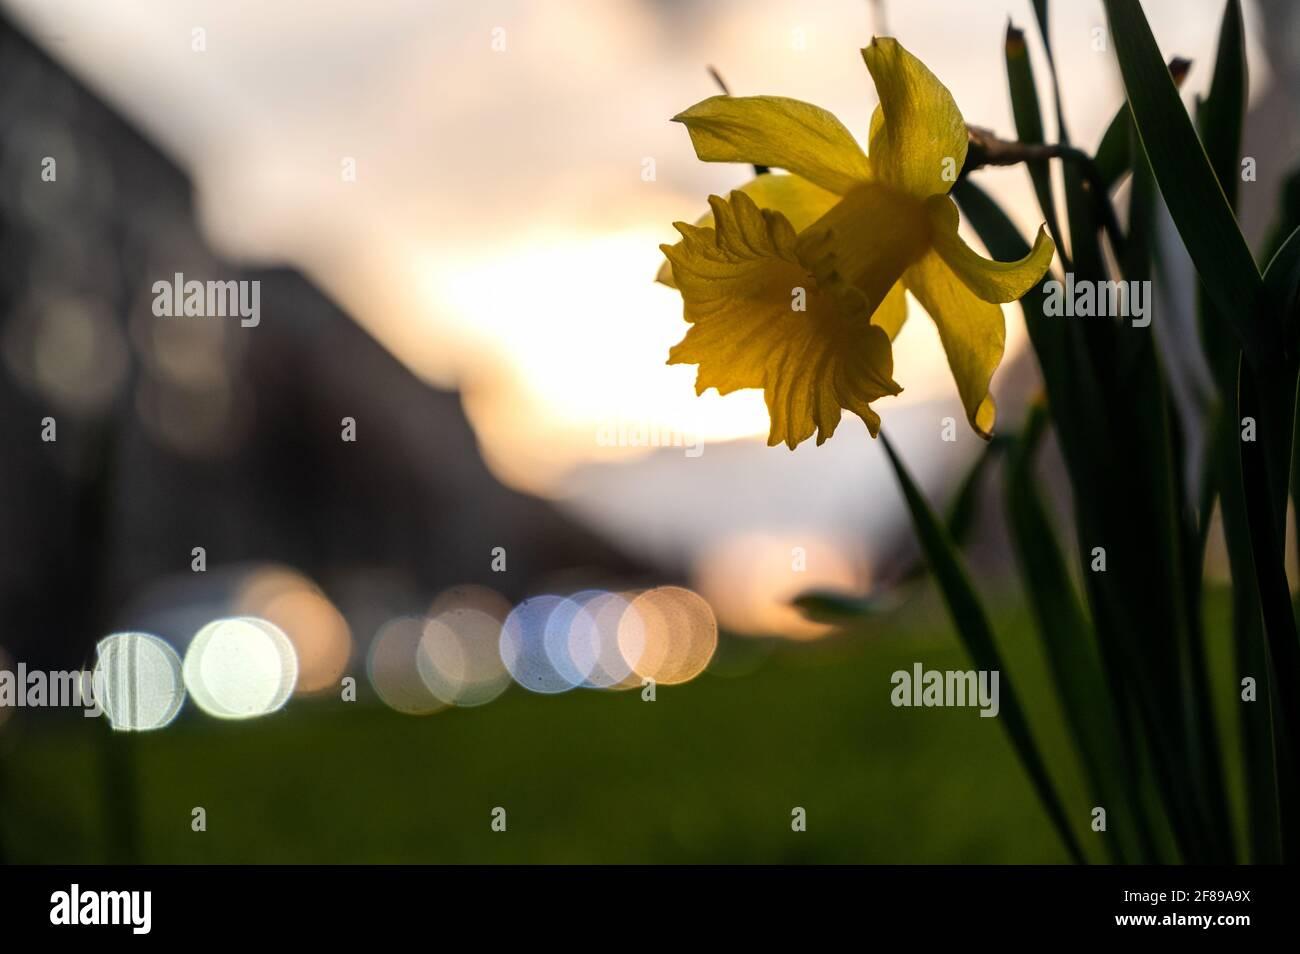 Berlín, Alemania. 12th de Abr de 2021. Un narciso florece en Frankfurter Allee durante la puesta de sol. Crédito: Christophe Gateau/dpa/Alamy Live News Foto de stock